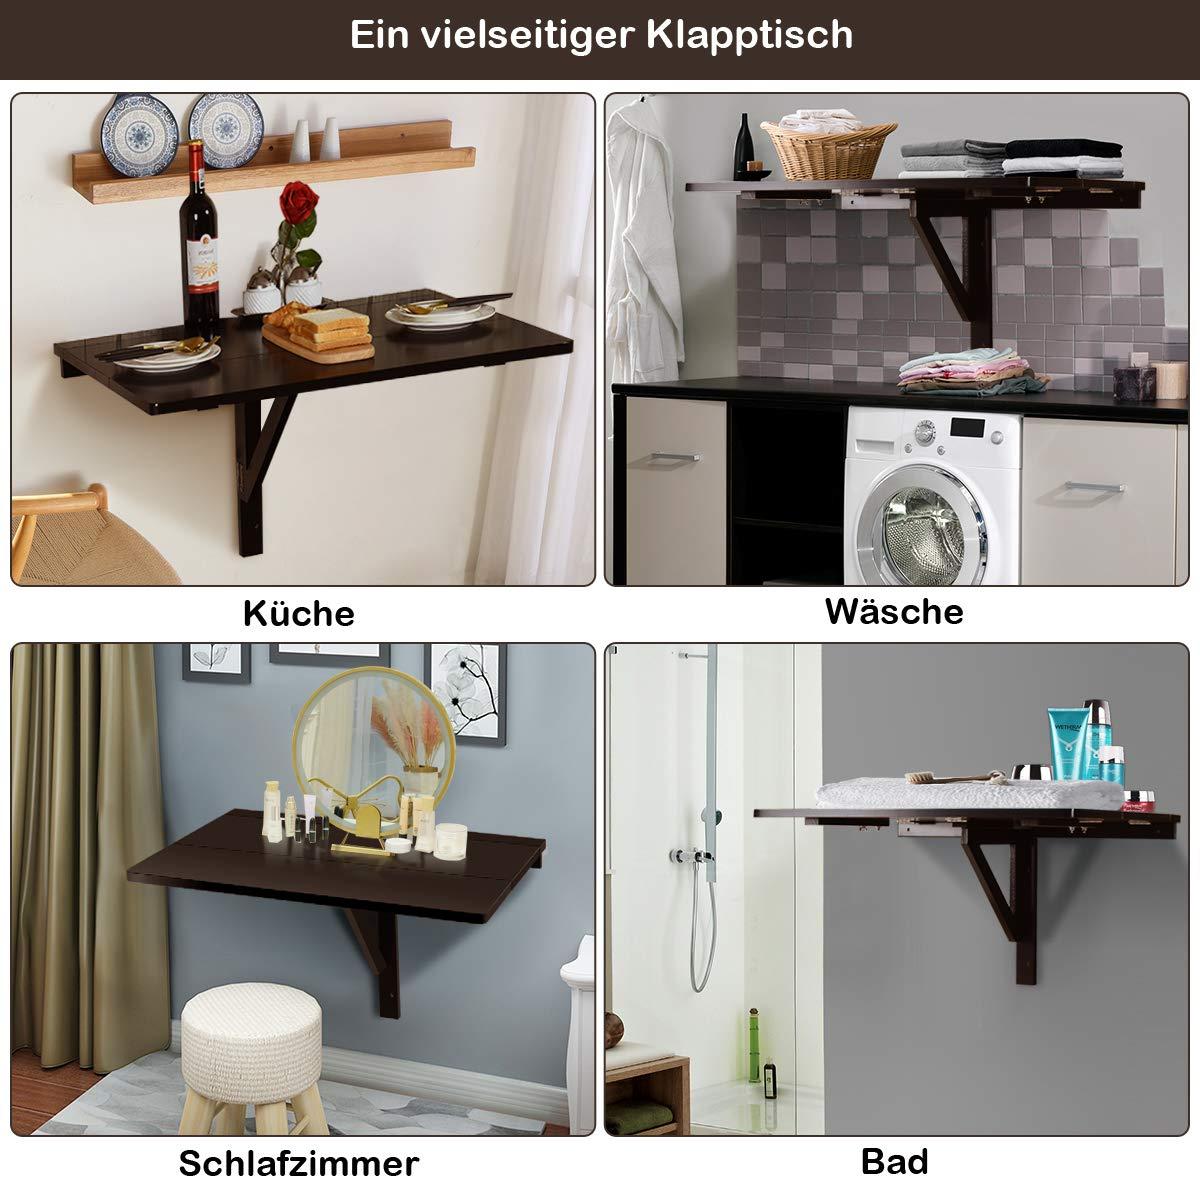 COSTWAY Wandtisch klappbar, Wandklapptisch weiß, 80x60cm, Klapptisch aus Holz (Braun) 3